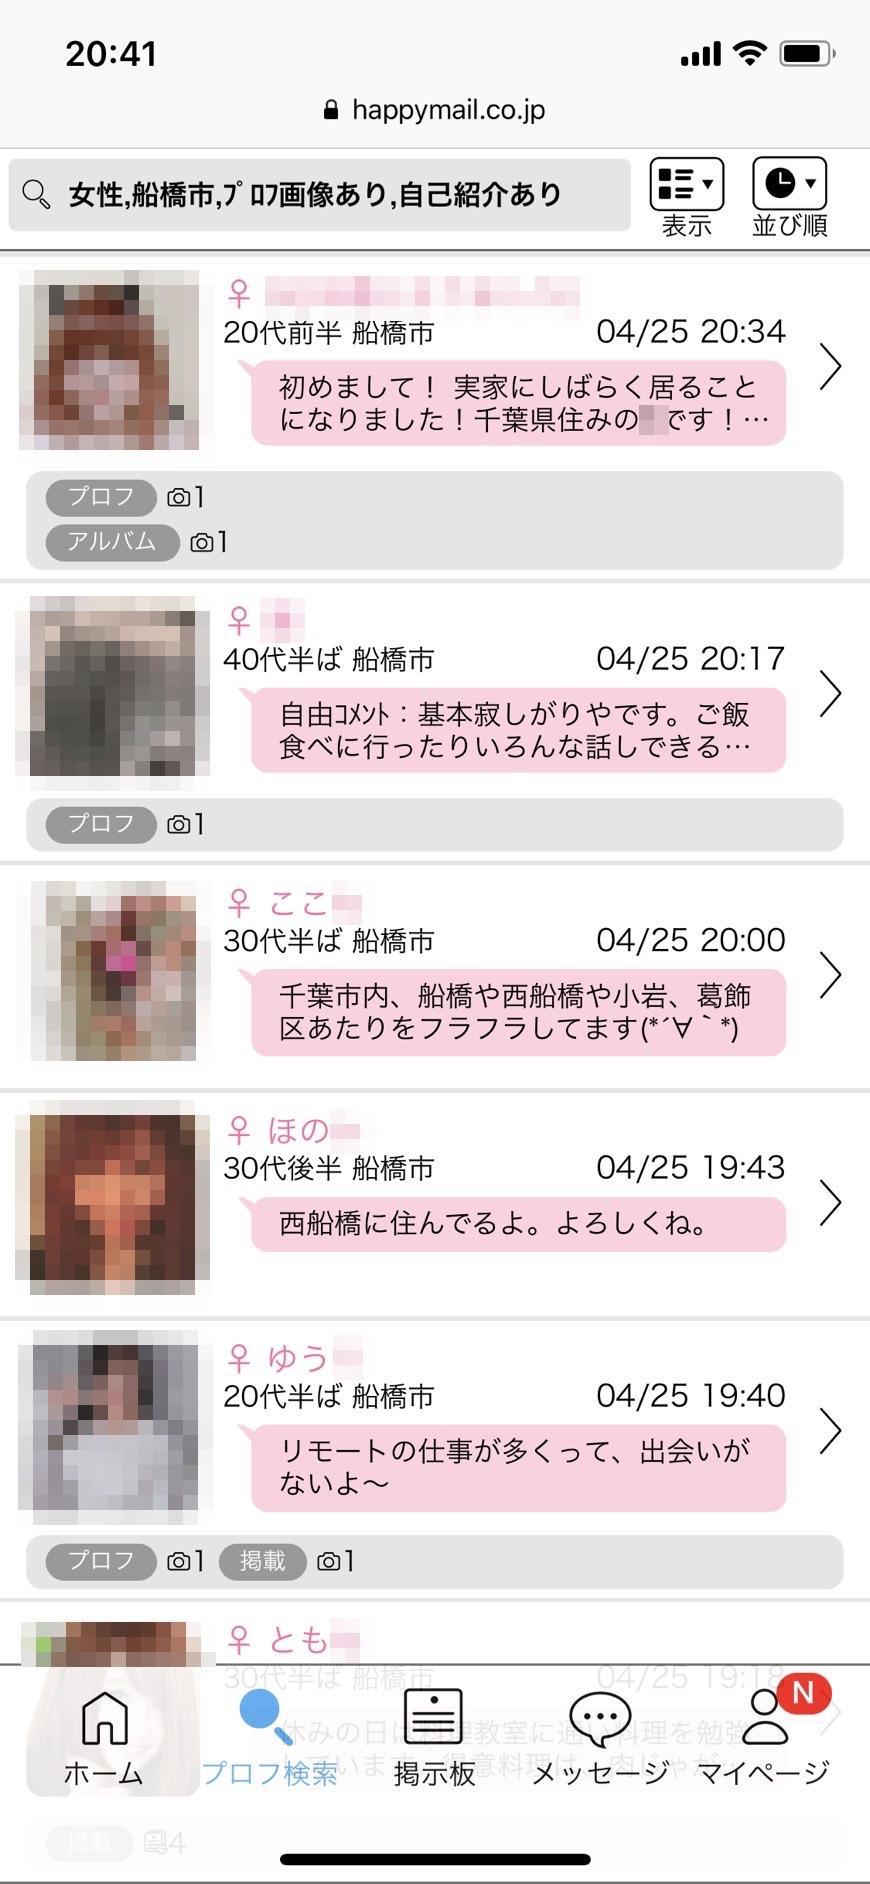 船橋・出会い希望(ハッピーメール)